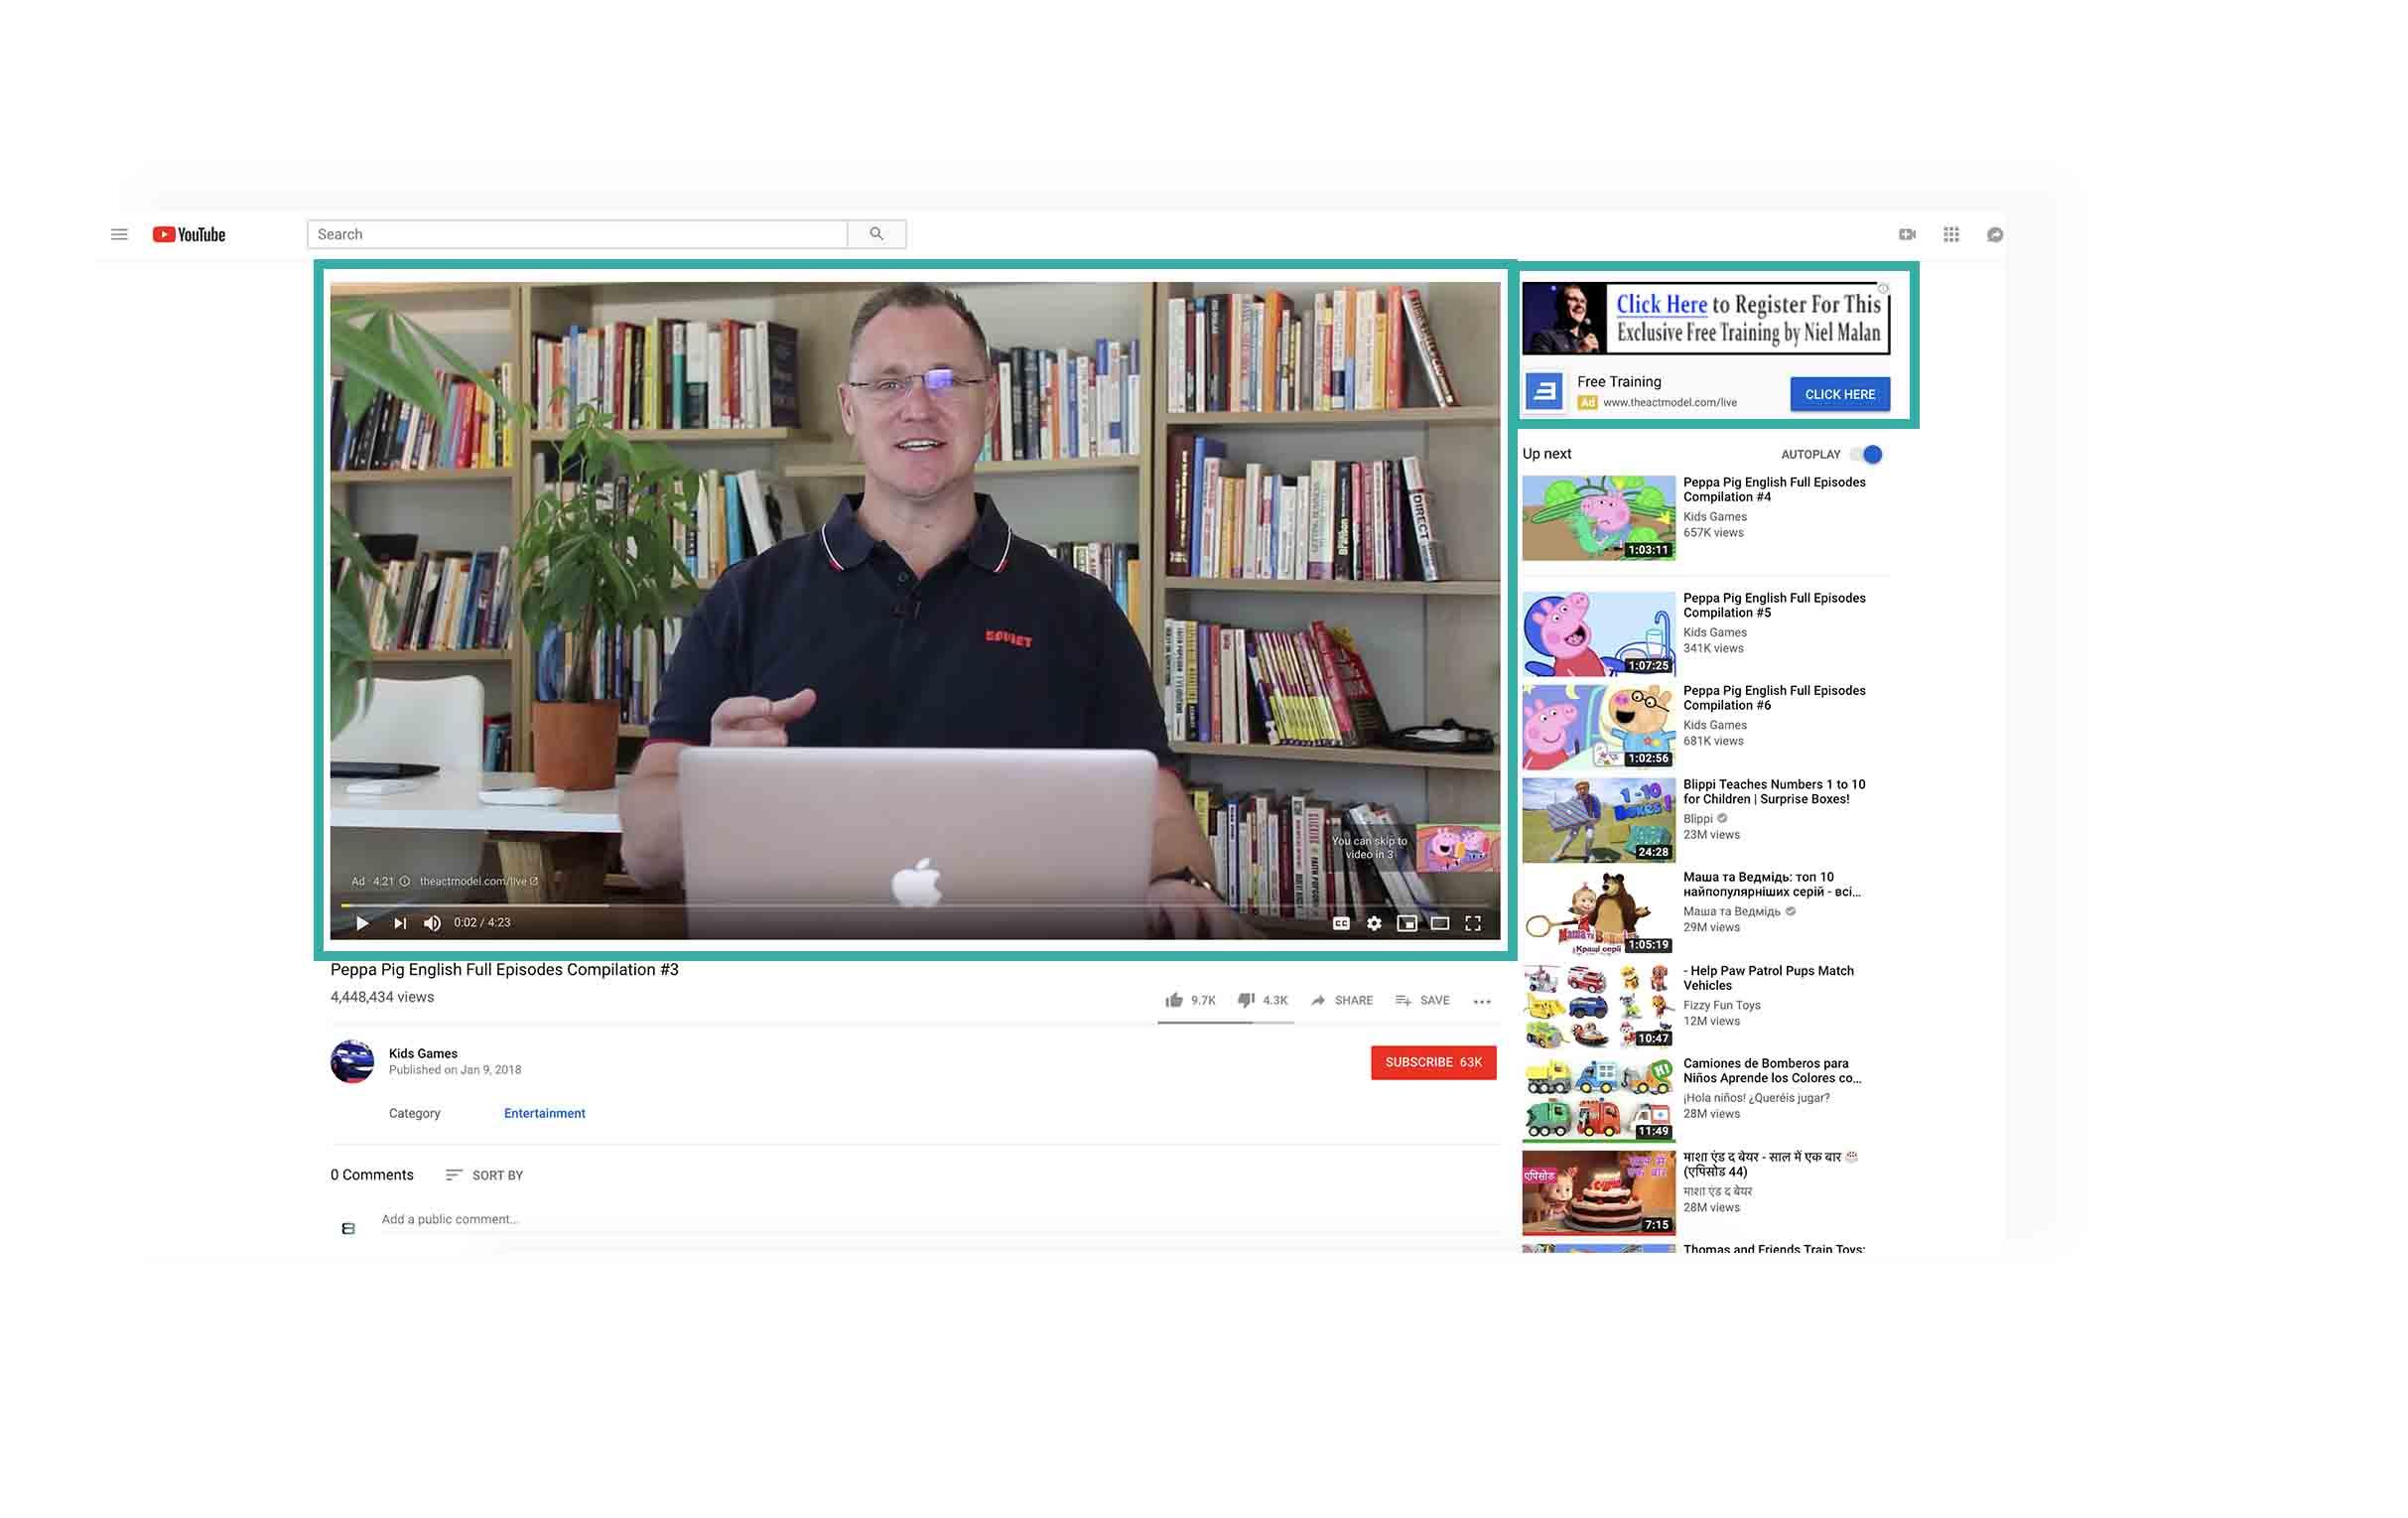 youtube-marketing-ads